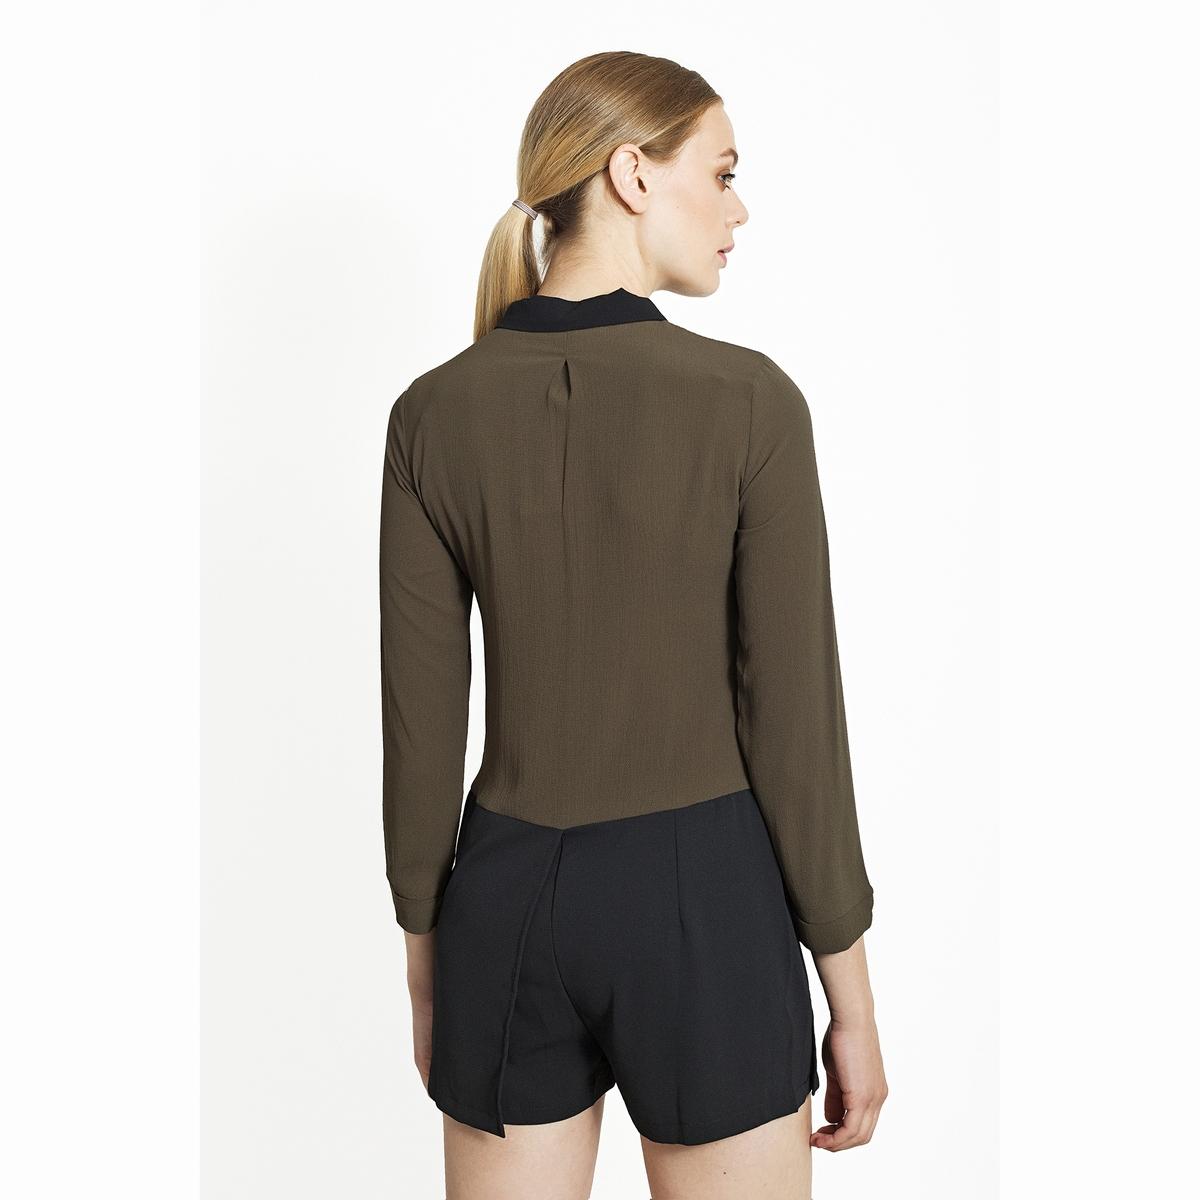 Комбинезон, рубашка и юбка-шортыКомбинезон, рубашка и юбка-шорты. Высокий контрастный воротник рубашечного типа, длинные рукава, застёжка на пуговицы спереди. Нижняя часть в виде юбки-шортов.Состав и описаниеМатериалы : 100% полиэстер.Марка : Migle+MeУходСледуйте рекомендациям по уходу, указанным на этикетке изделия.<br><br>Цвет: черный/ хаки<br>Размер: S